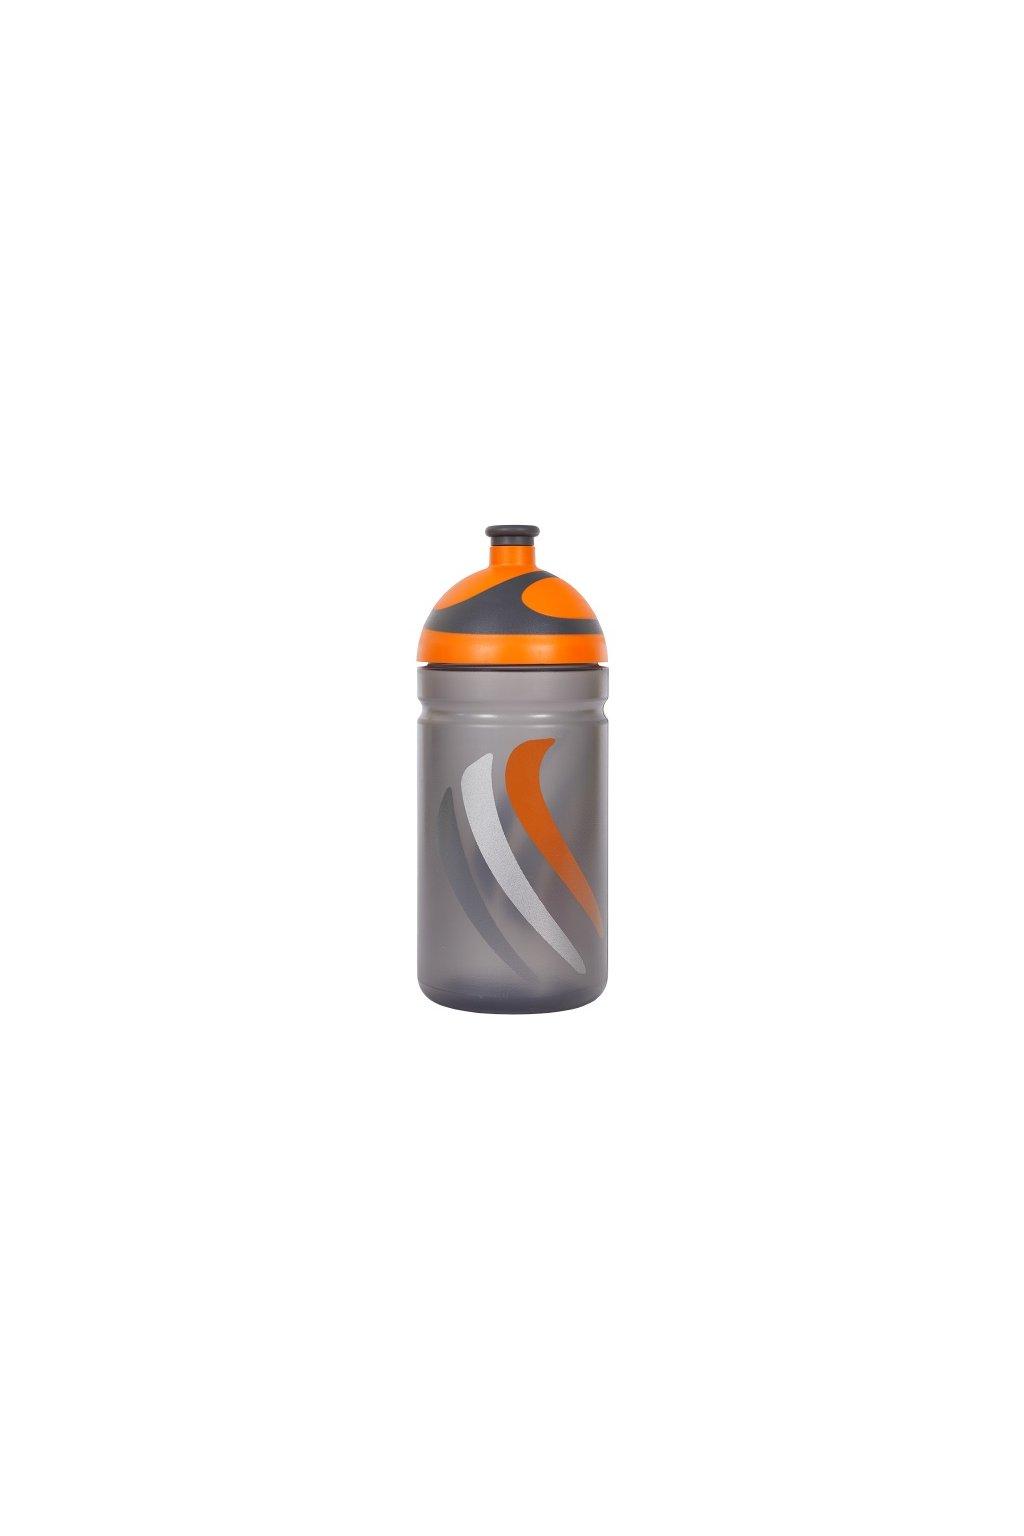 zdrava lahev bike 2k19 oranzova 0 5l